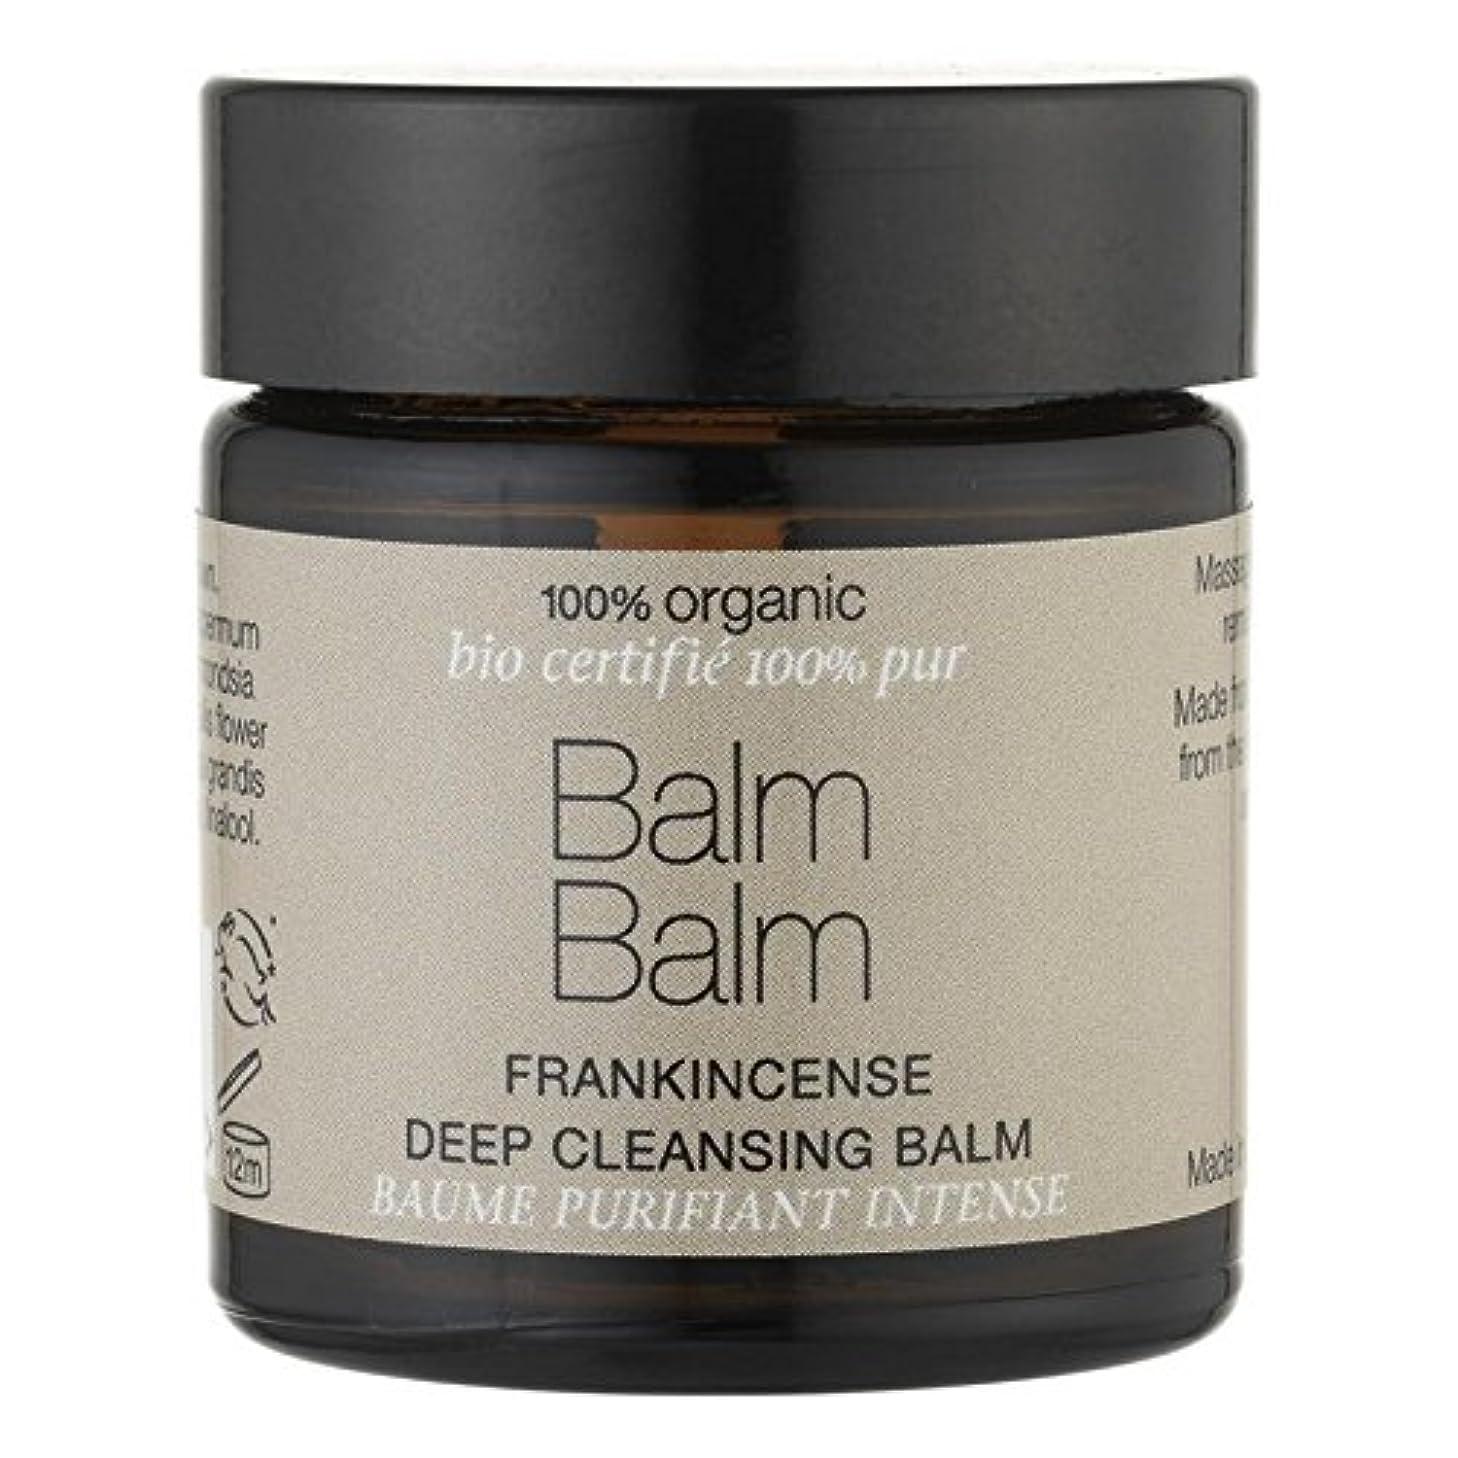 真空イソギンチャクスタジオバームバーム乳香有機ディープクレンジングクリーム60ミリリットル x2 - Balm Balm Frankincense Organic Deep Cleansing Balm 60ml (Pack of 2) [並行輸入品]